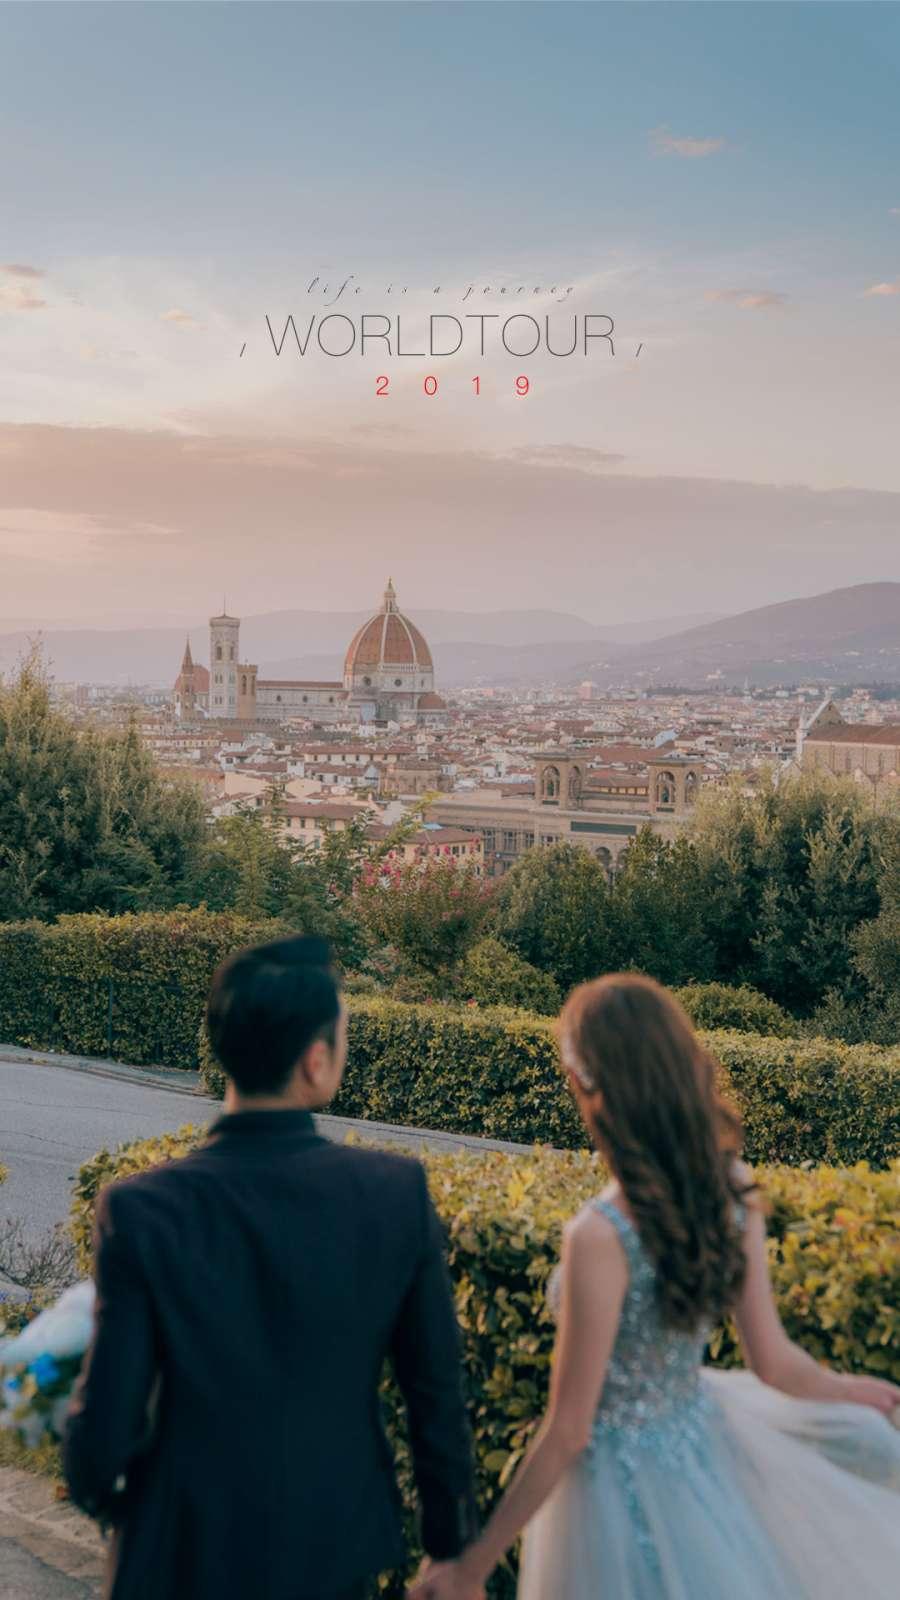 2019 WORLDTOUR PREWEDDING | 海外婚紗攝影